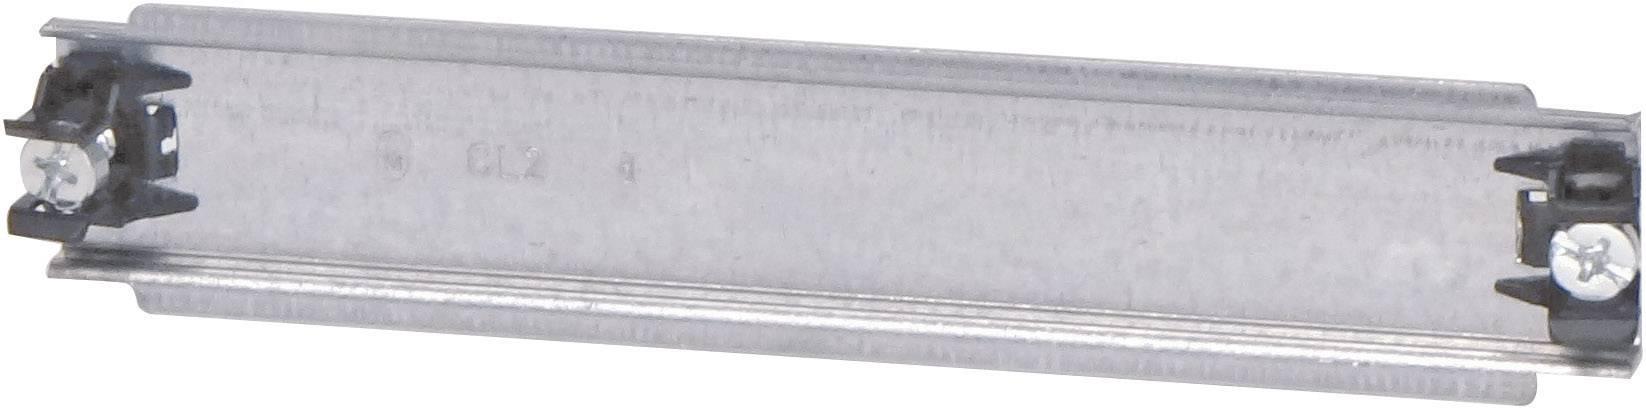 Koľajnica Eaton CL2, 187.5 mm, oceľový plech, 1 ks